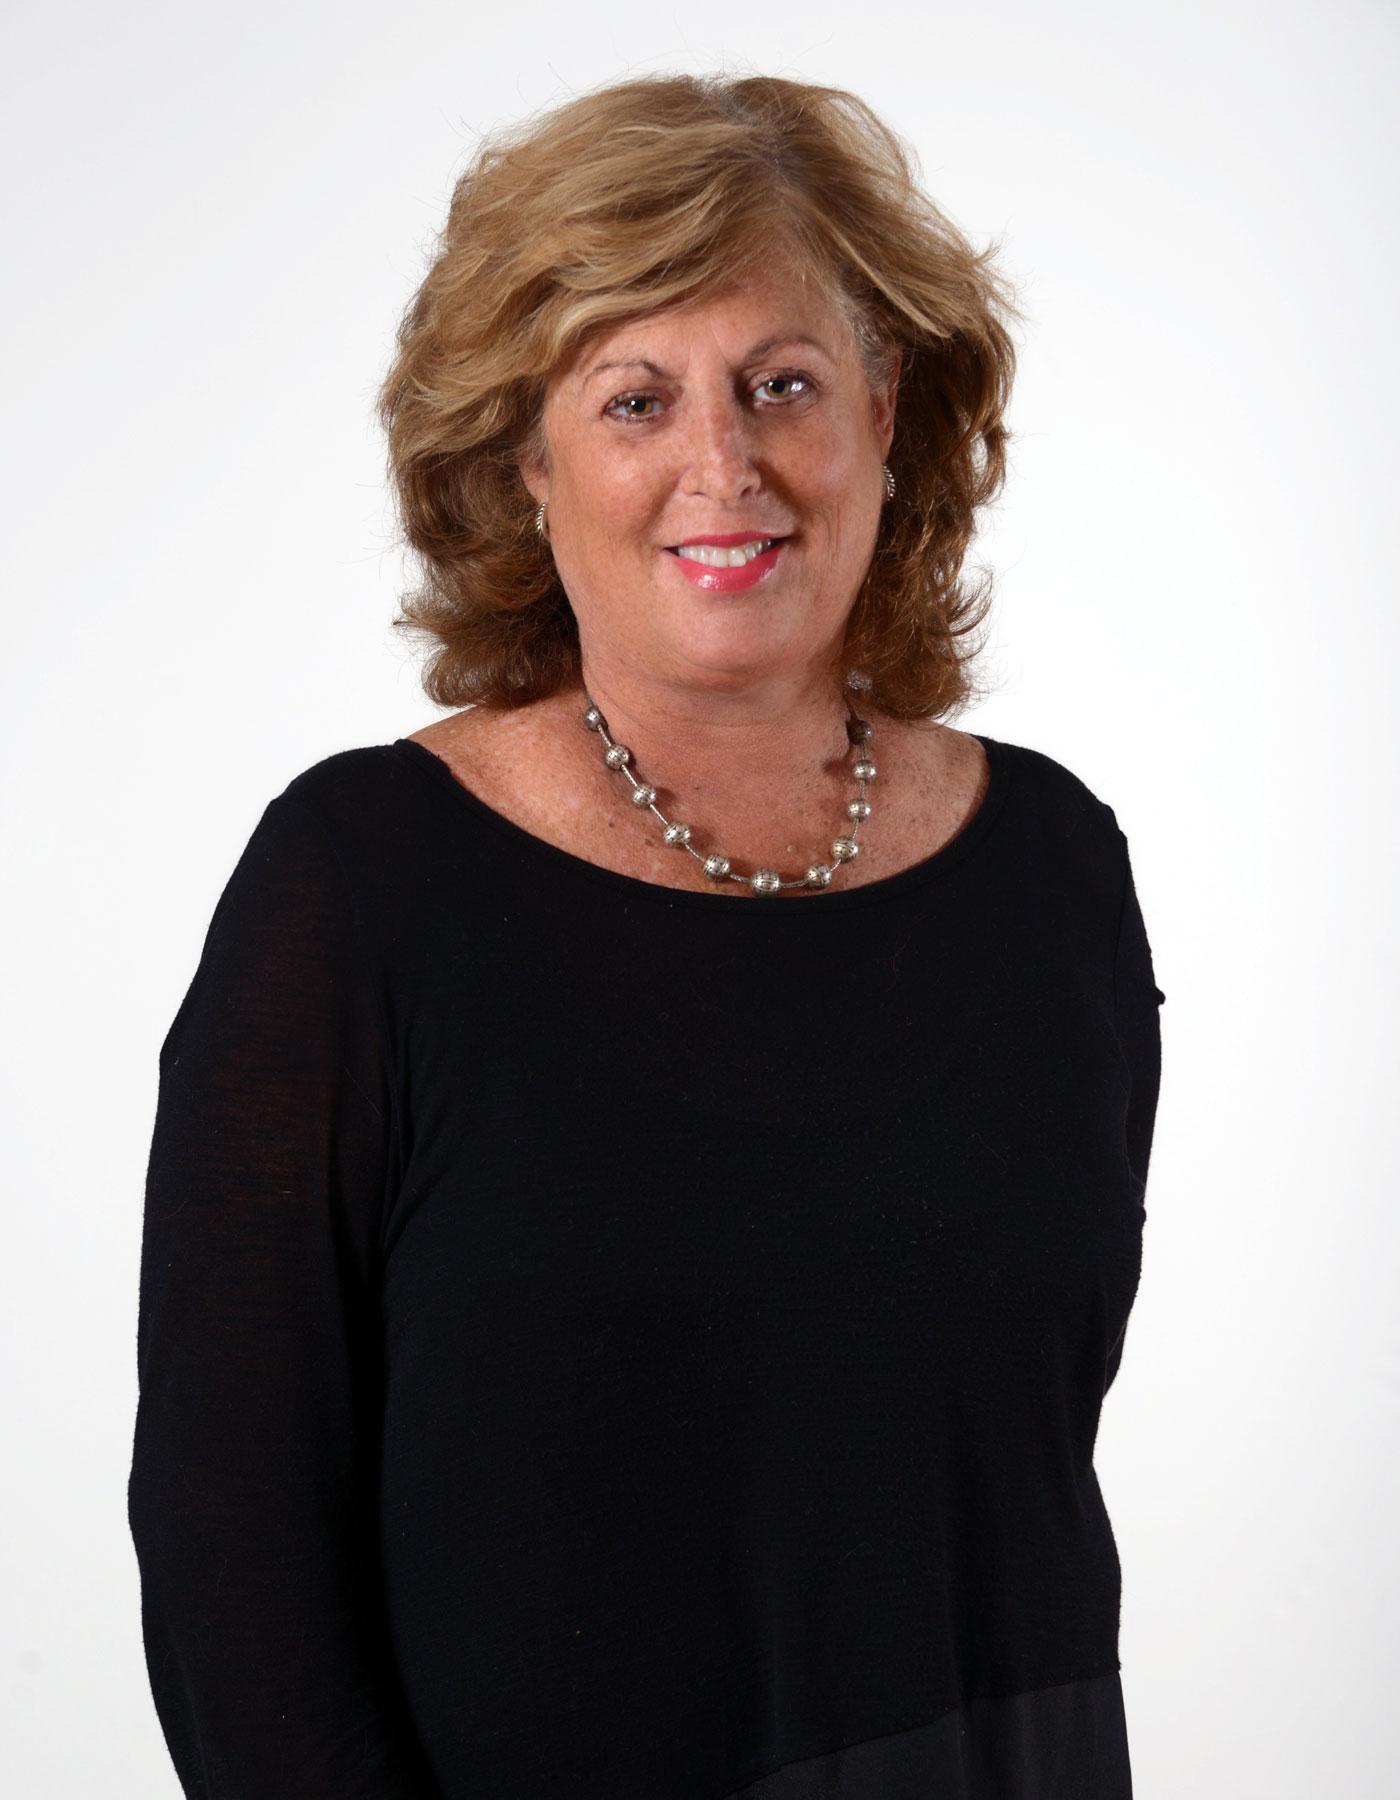 Dawn Vercollone